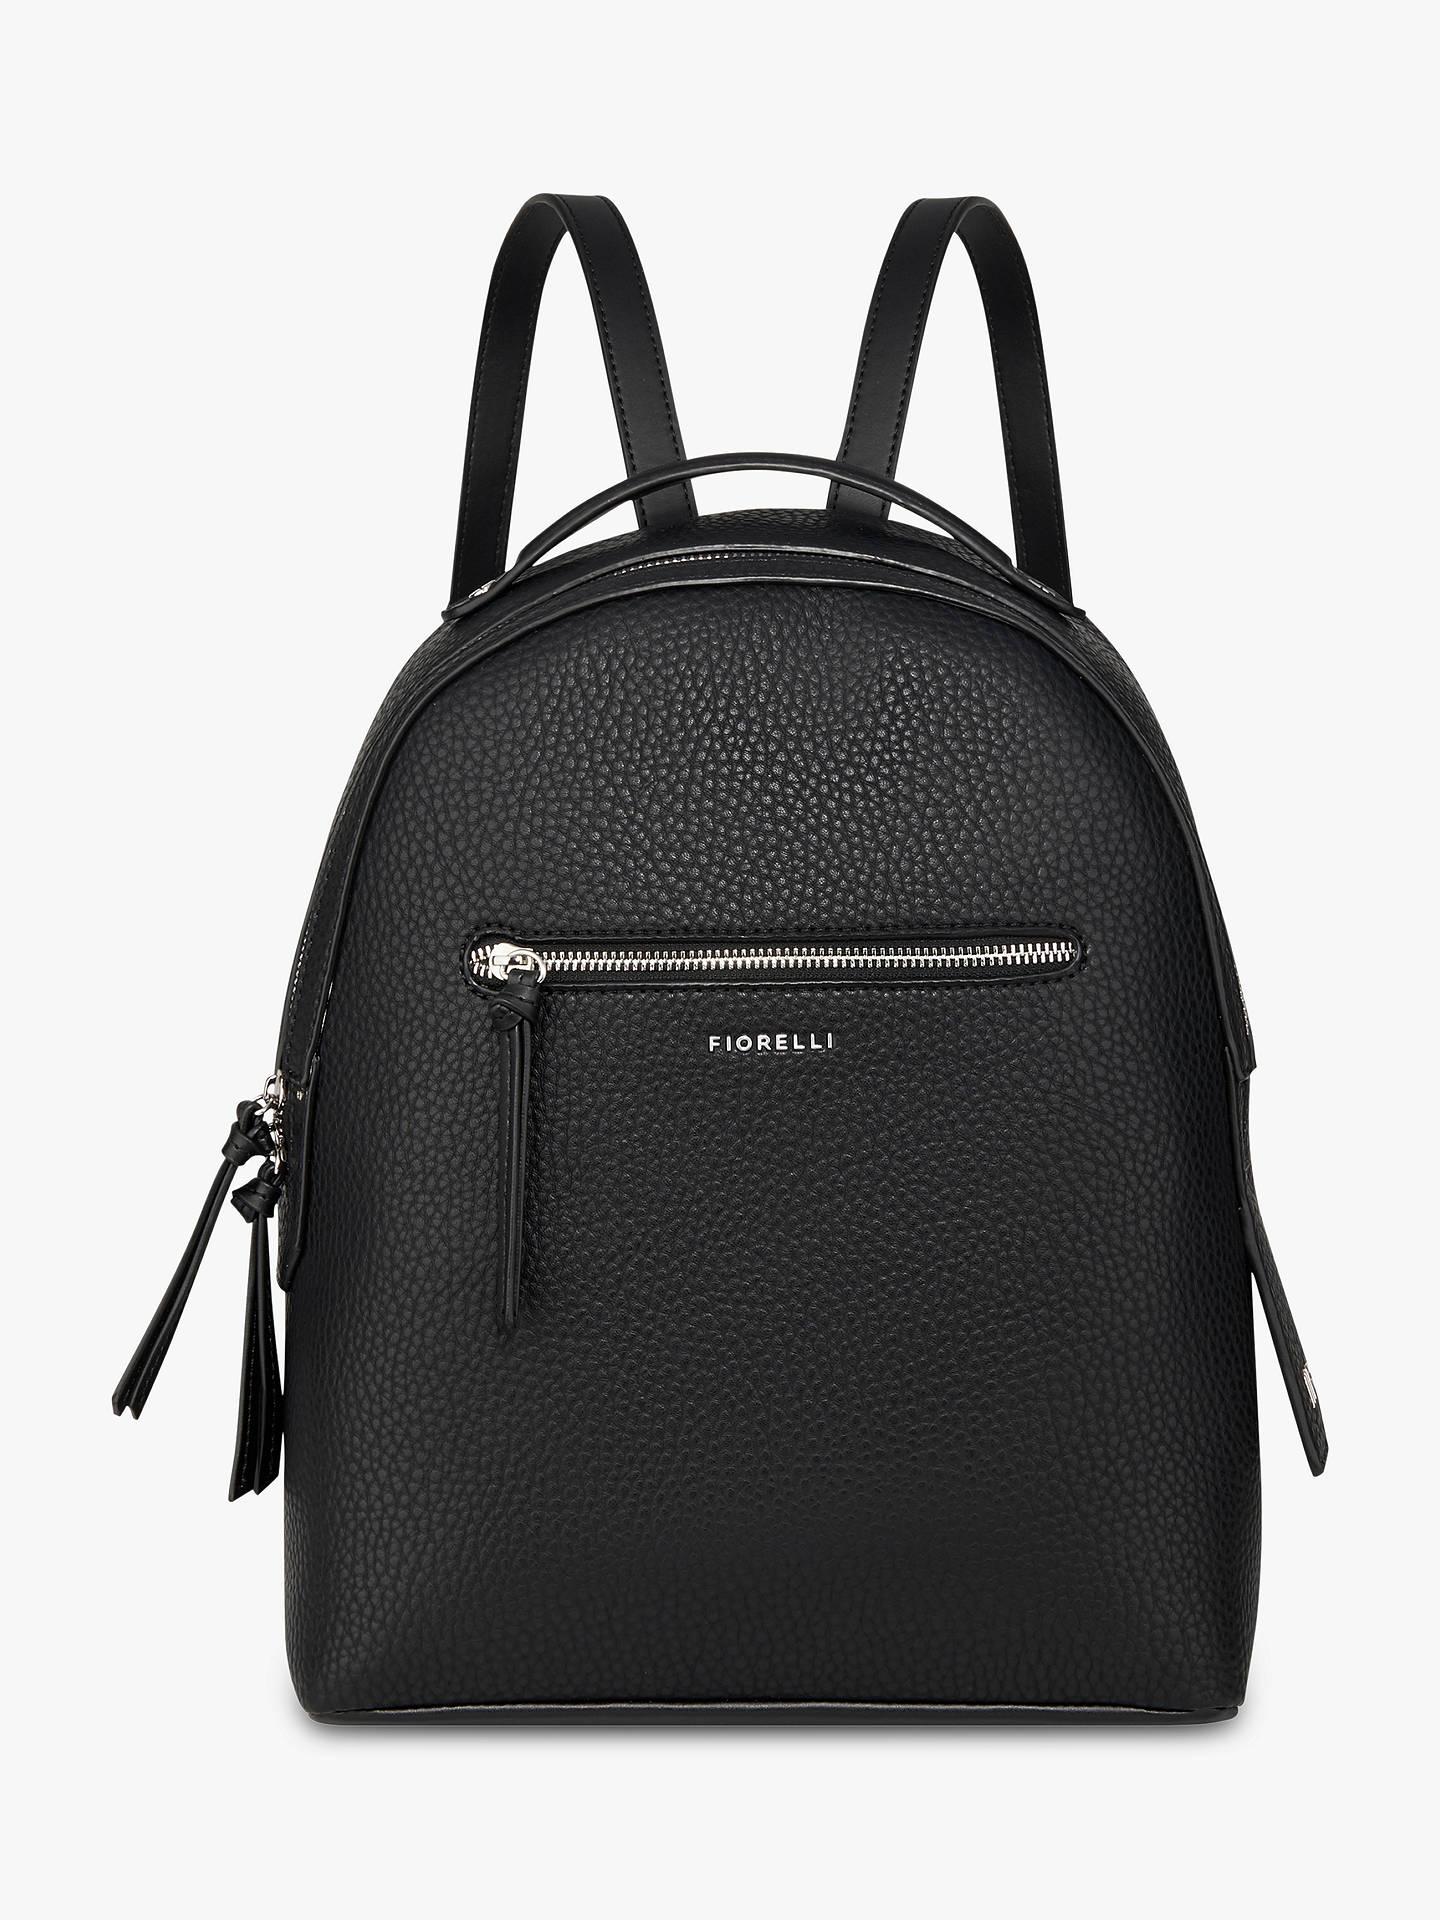 Buy Fiorelli Anouk Large Backpack